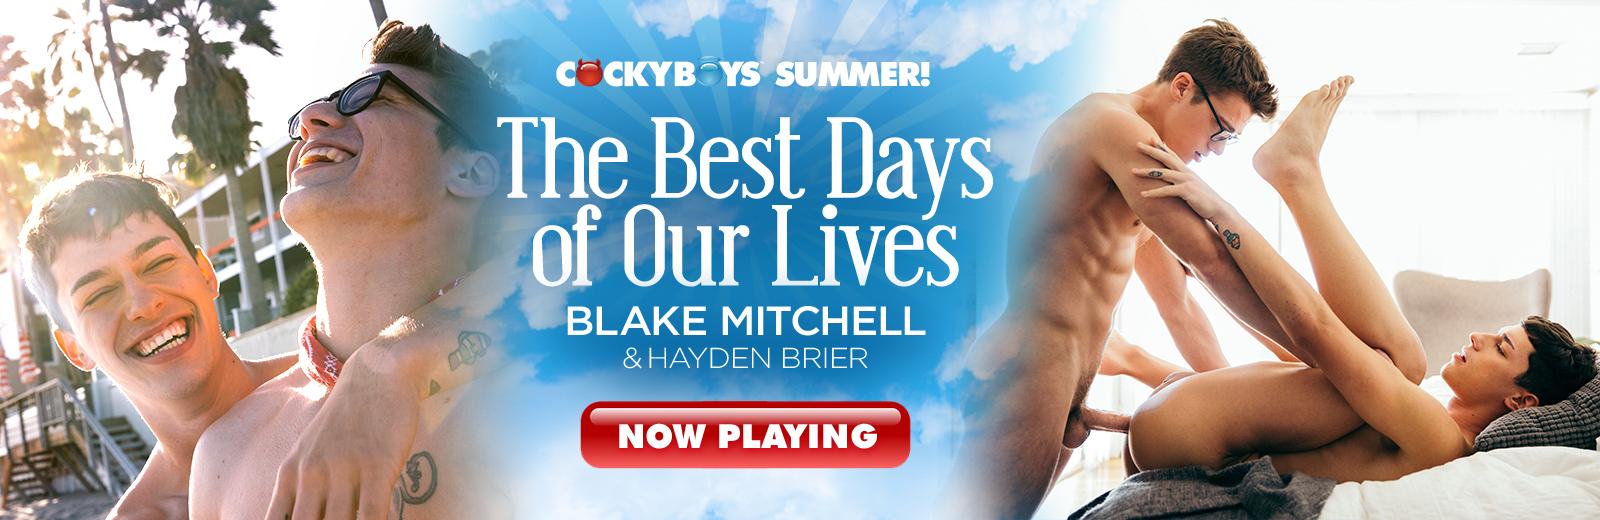 Blake Mitchell & Hayden Brier